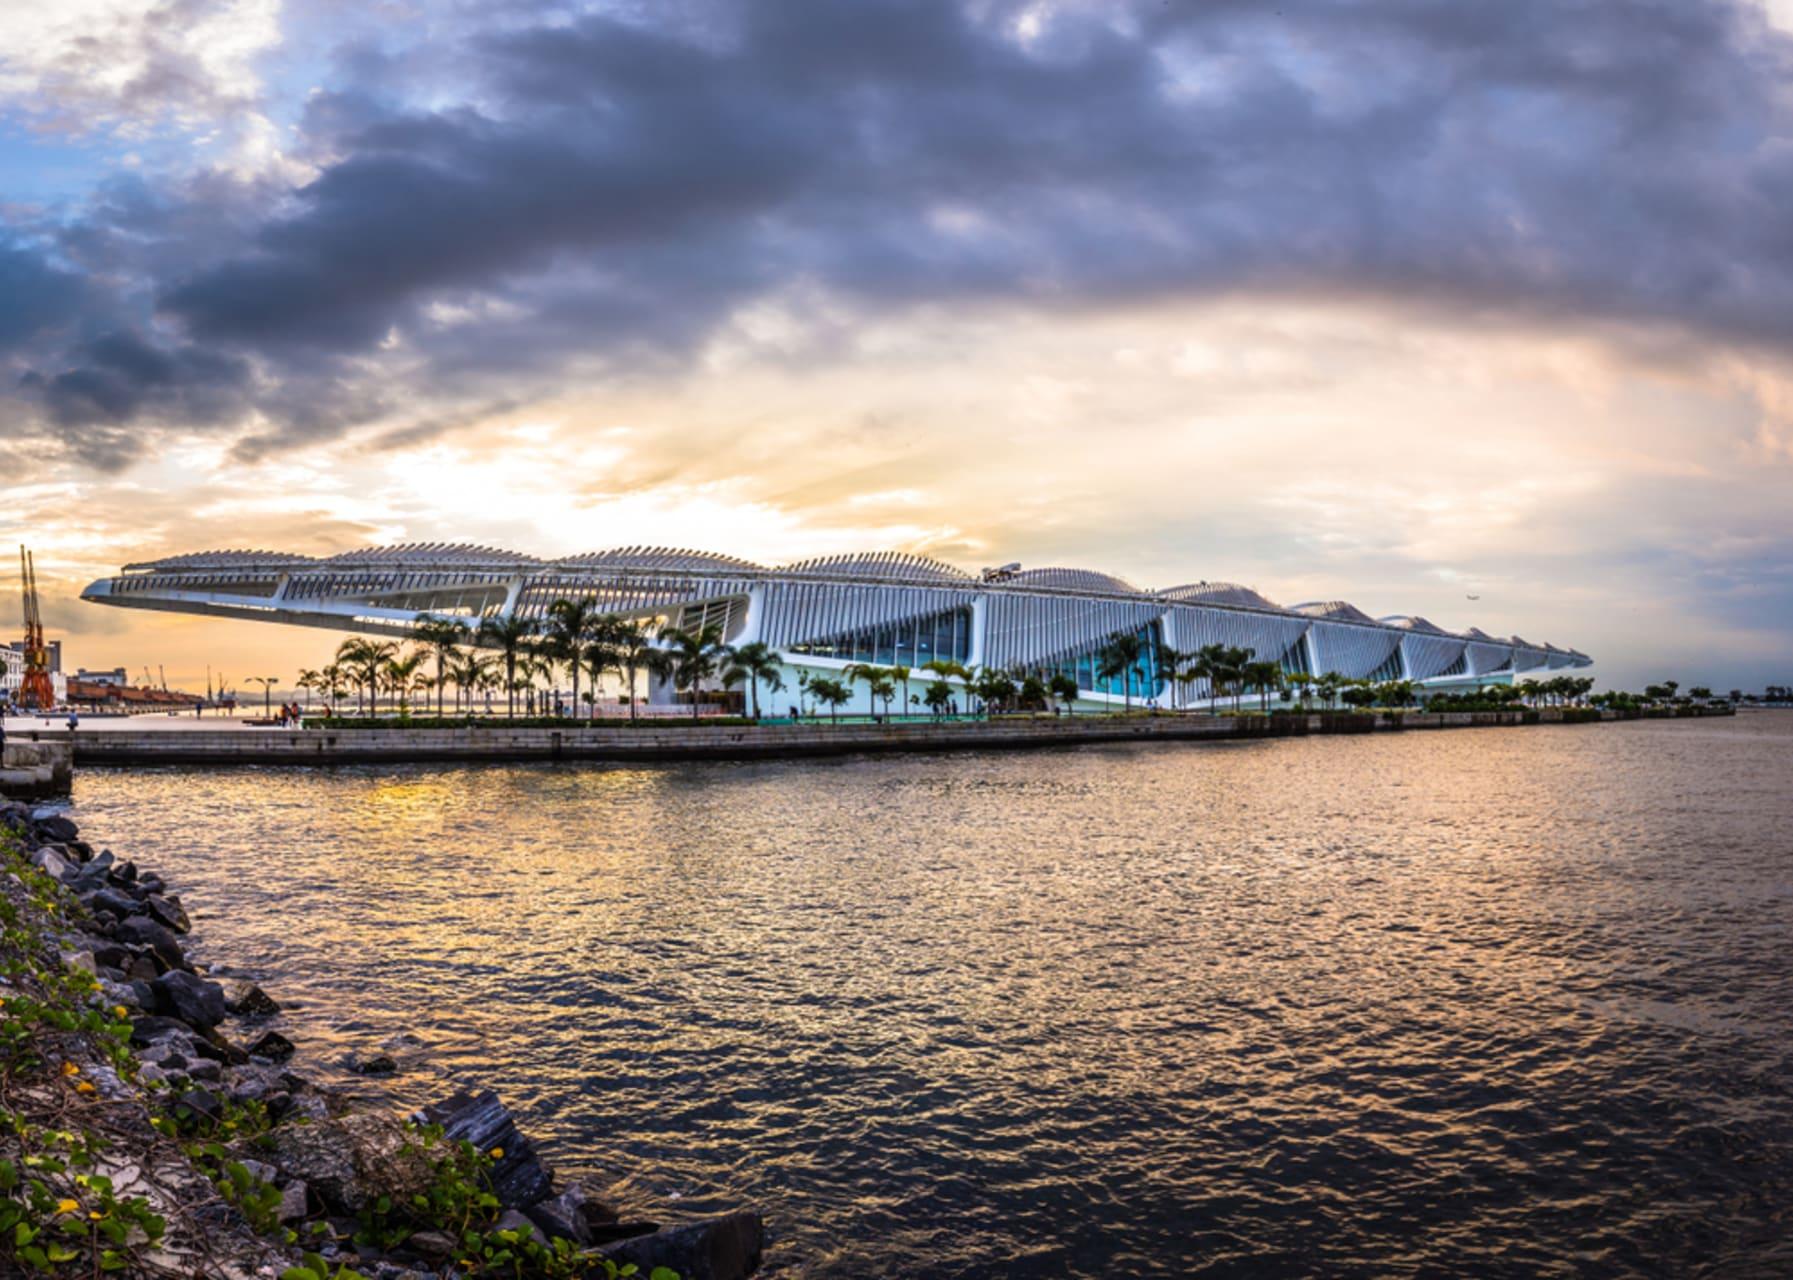 Rio de Janeiro - Museum of Tomorrow